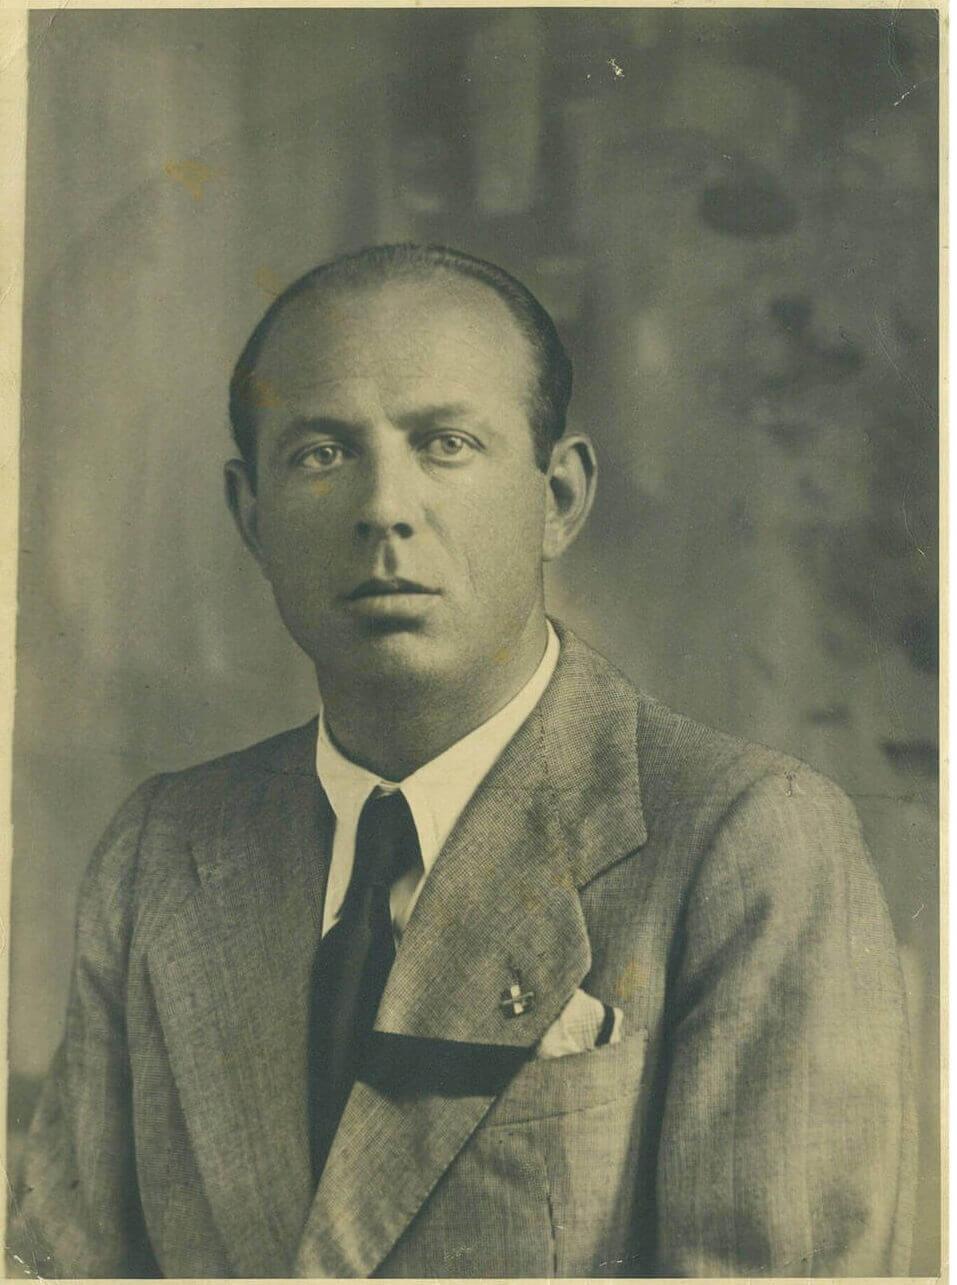 Egidio Brugola fondatore